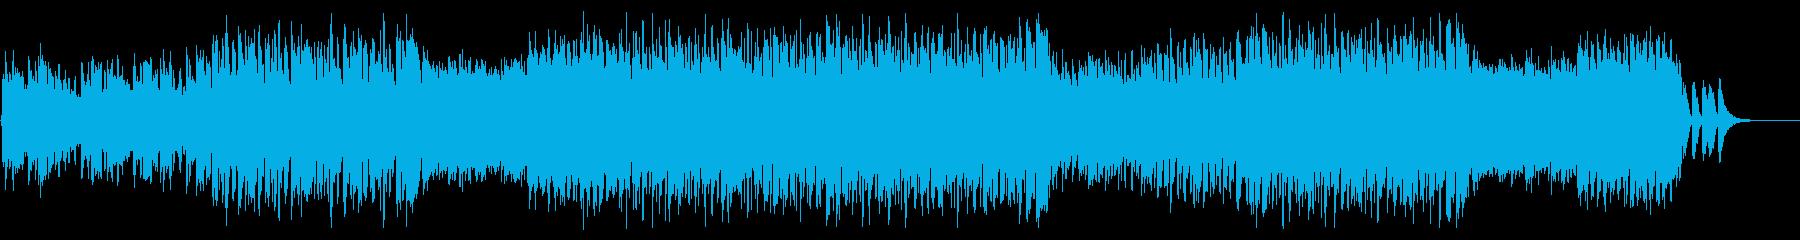 カッコカワイイ系デジロックの再生済みの波形